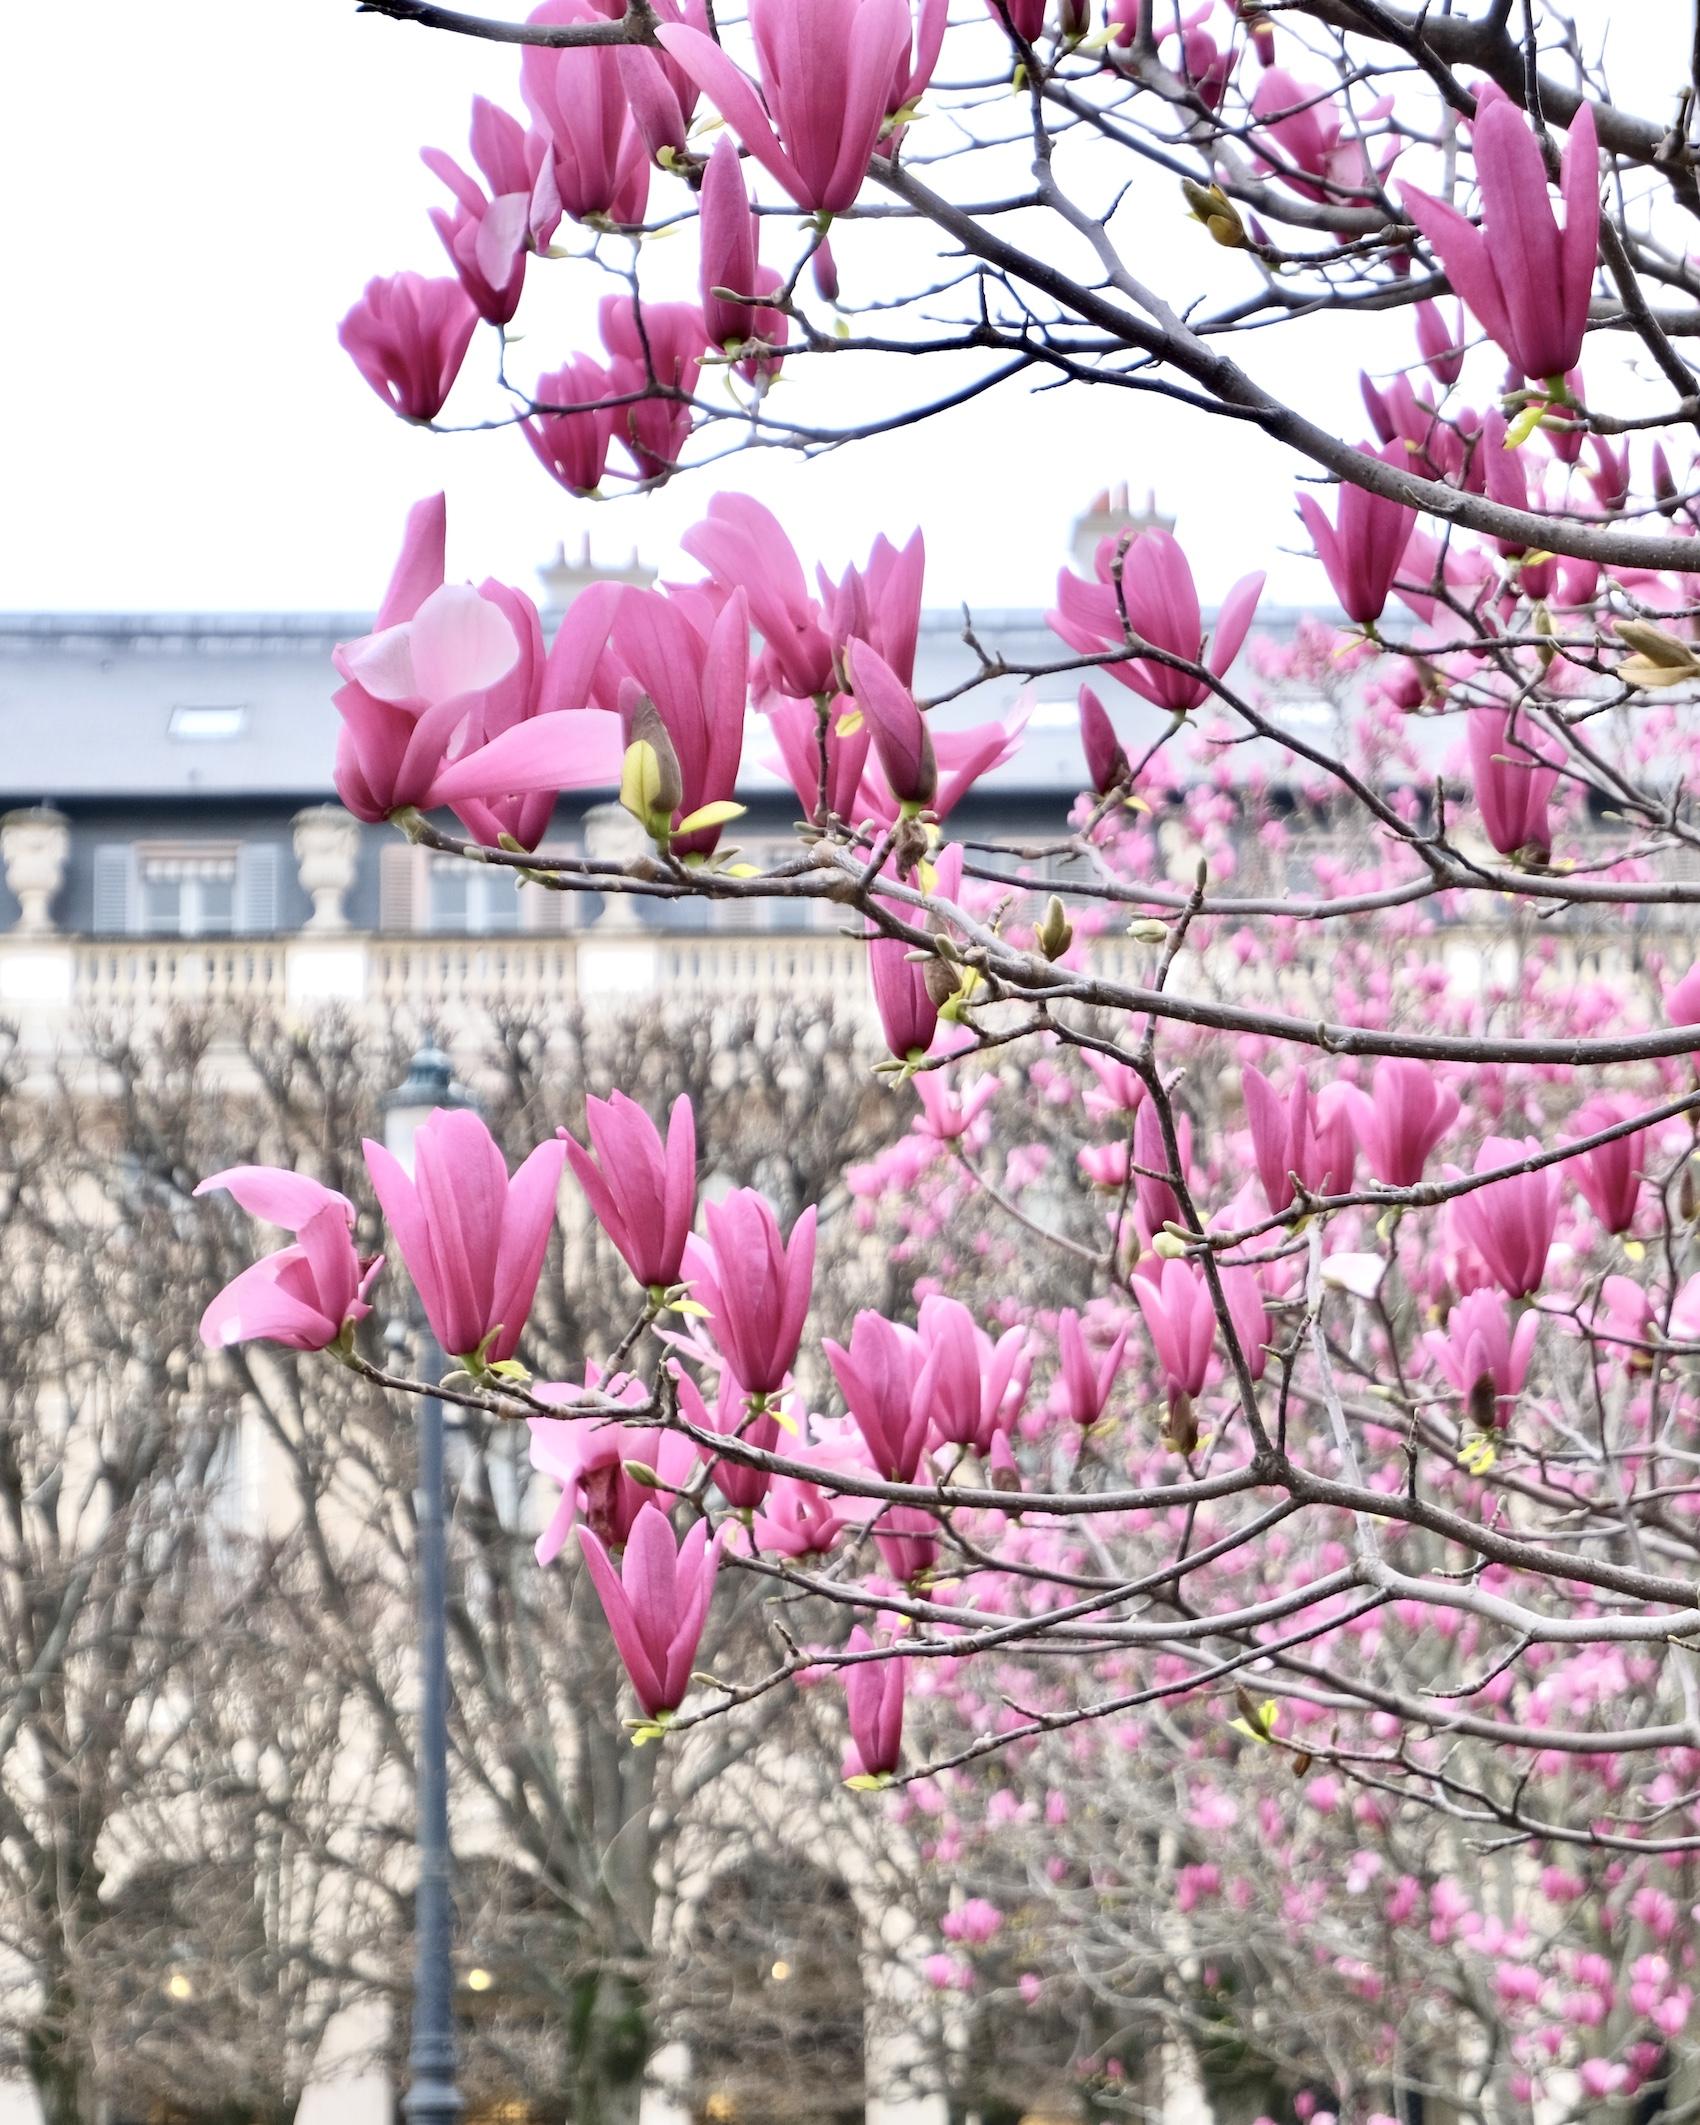 Magnolias in the Palais Royal garden